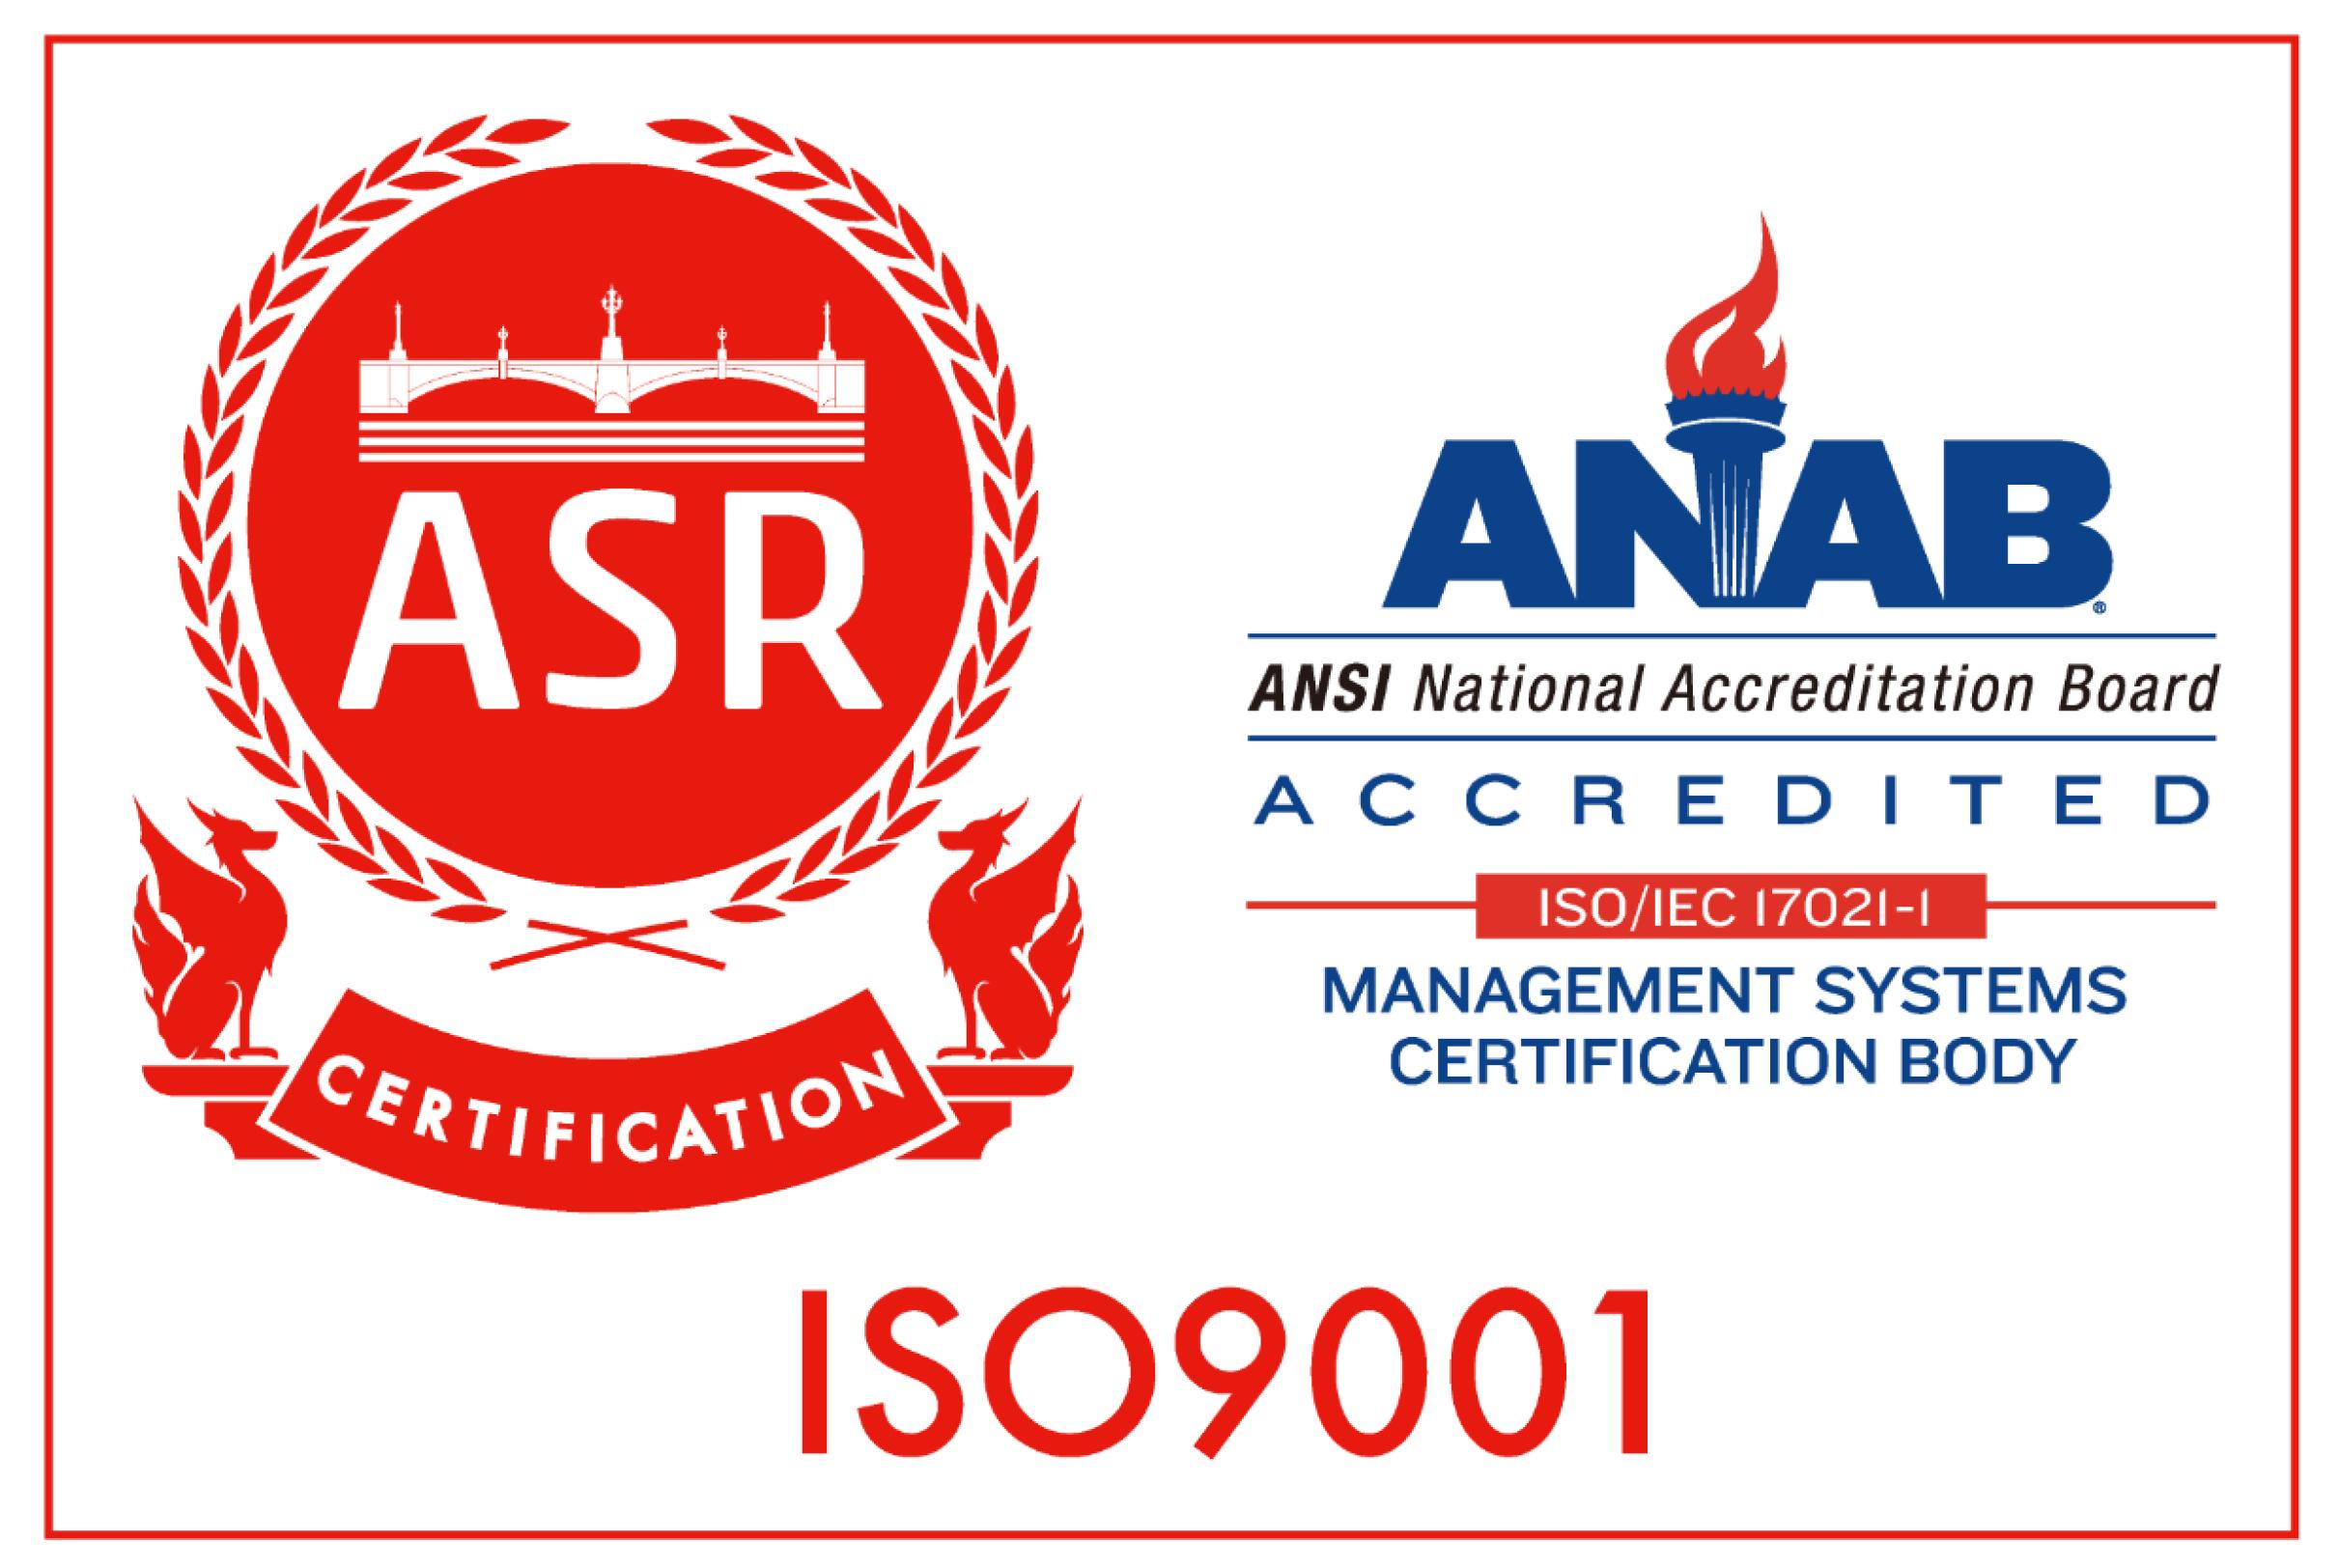 ASR_ANAB_9001